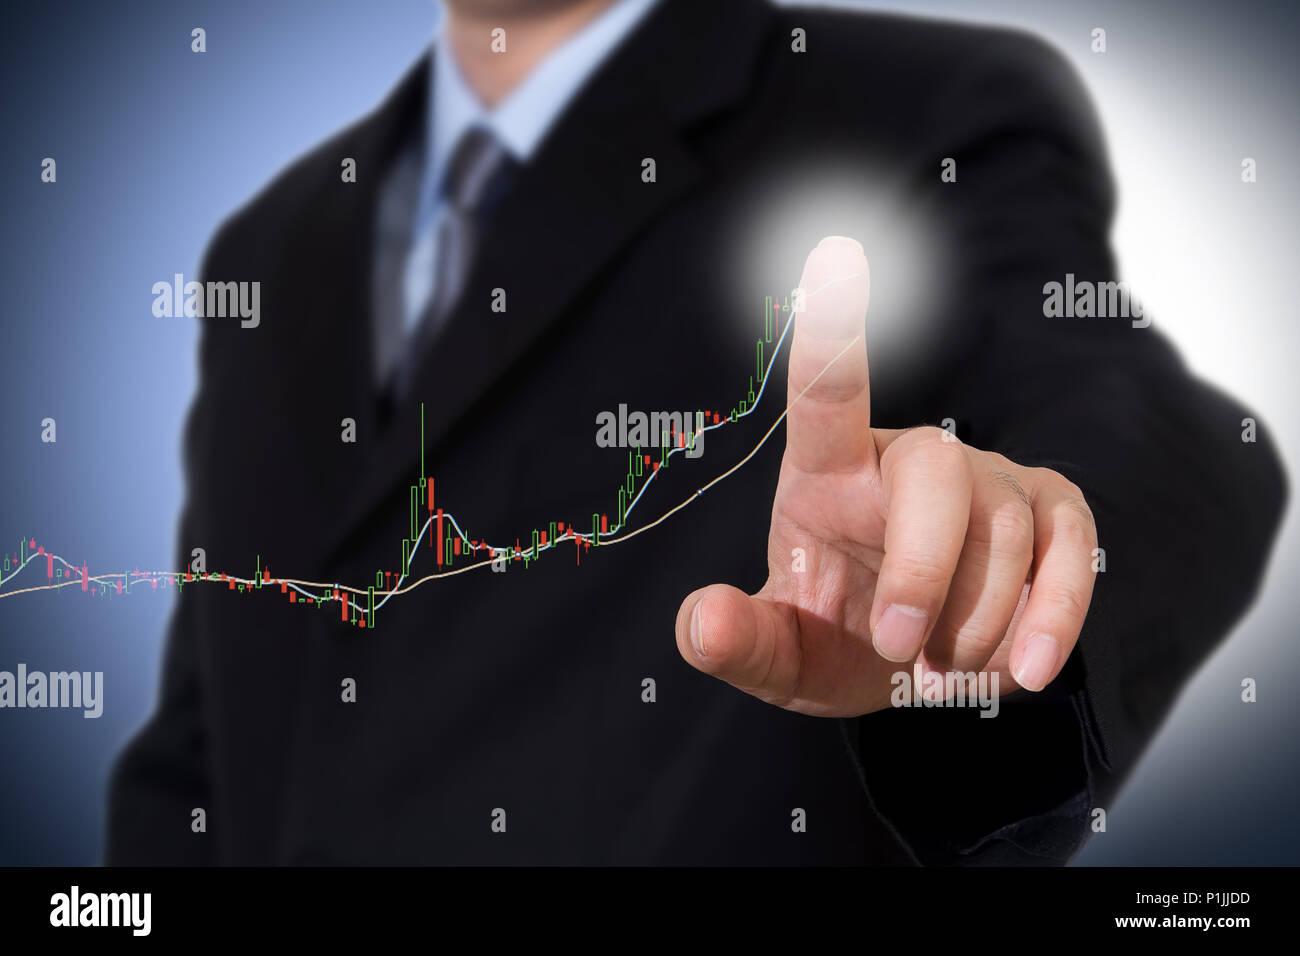 Imprenditore toccando un grafico indicante la crescita. Immagini Stock